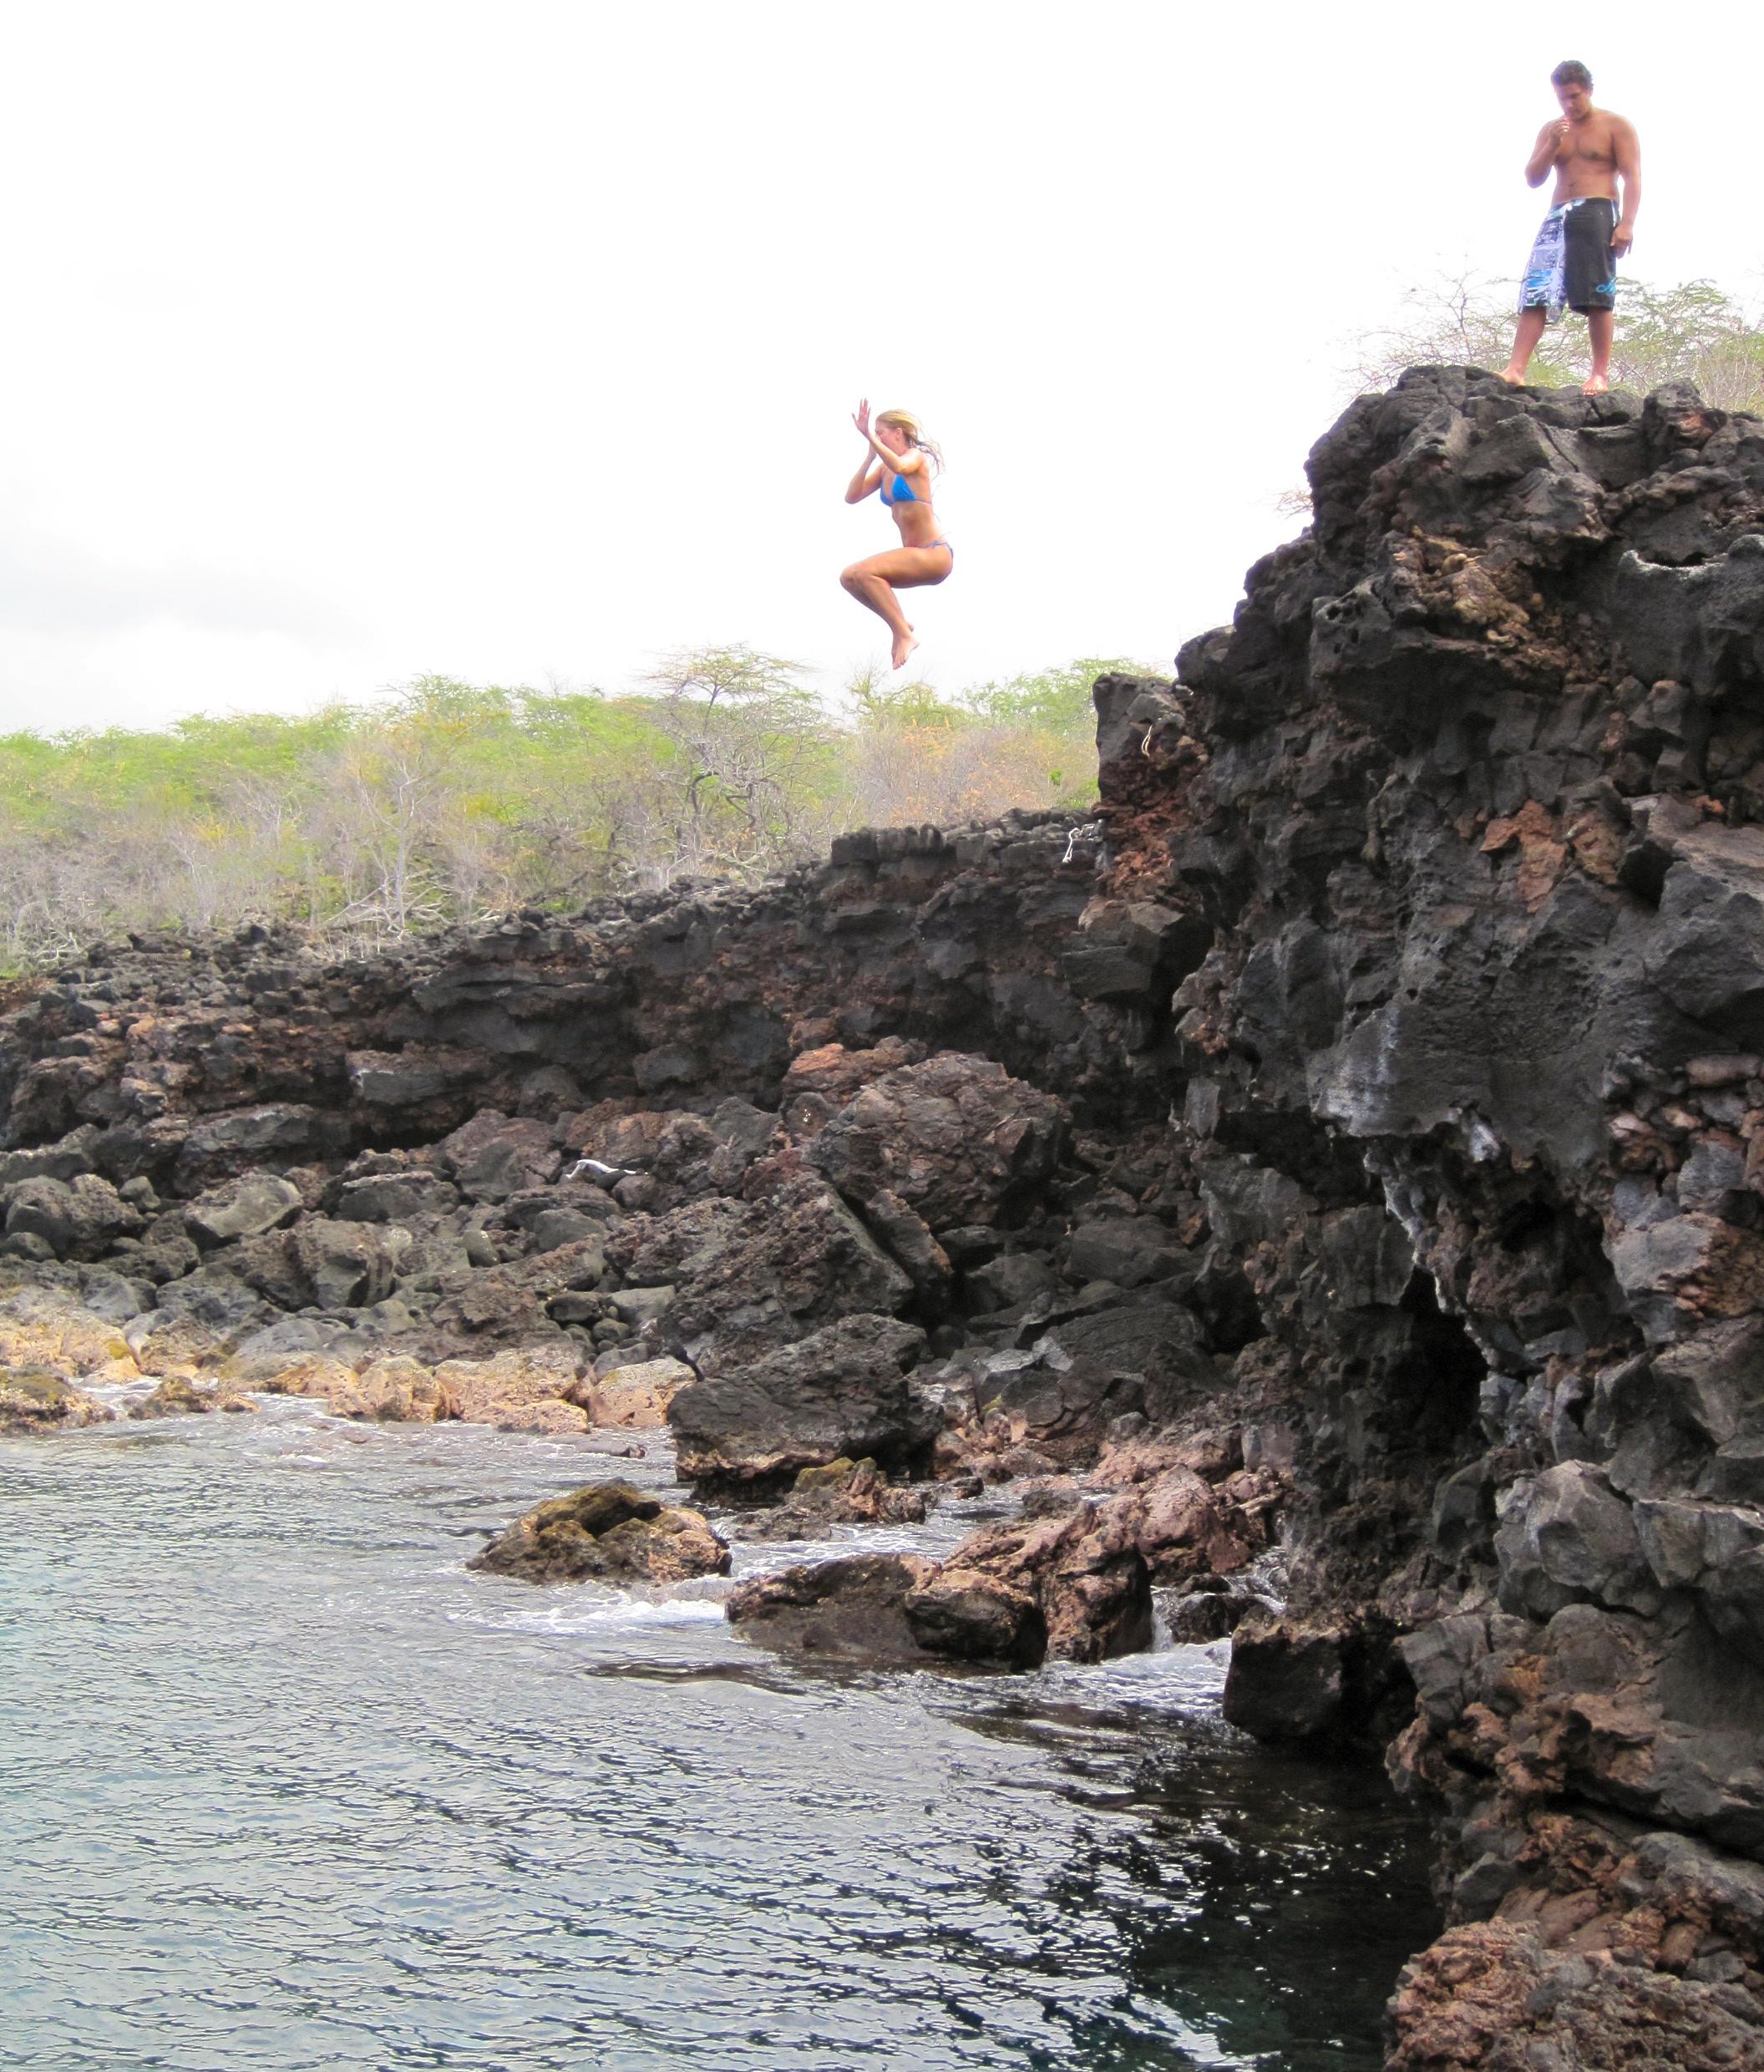 Cliff jumping, Big Island, Hawaii